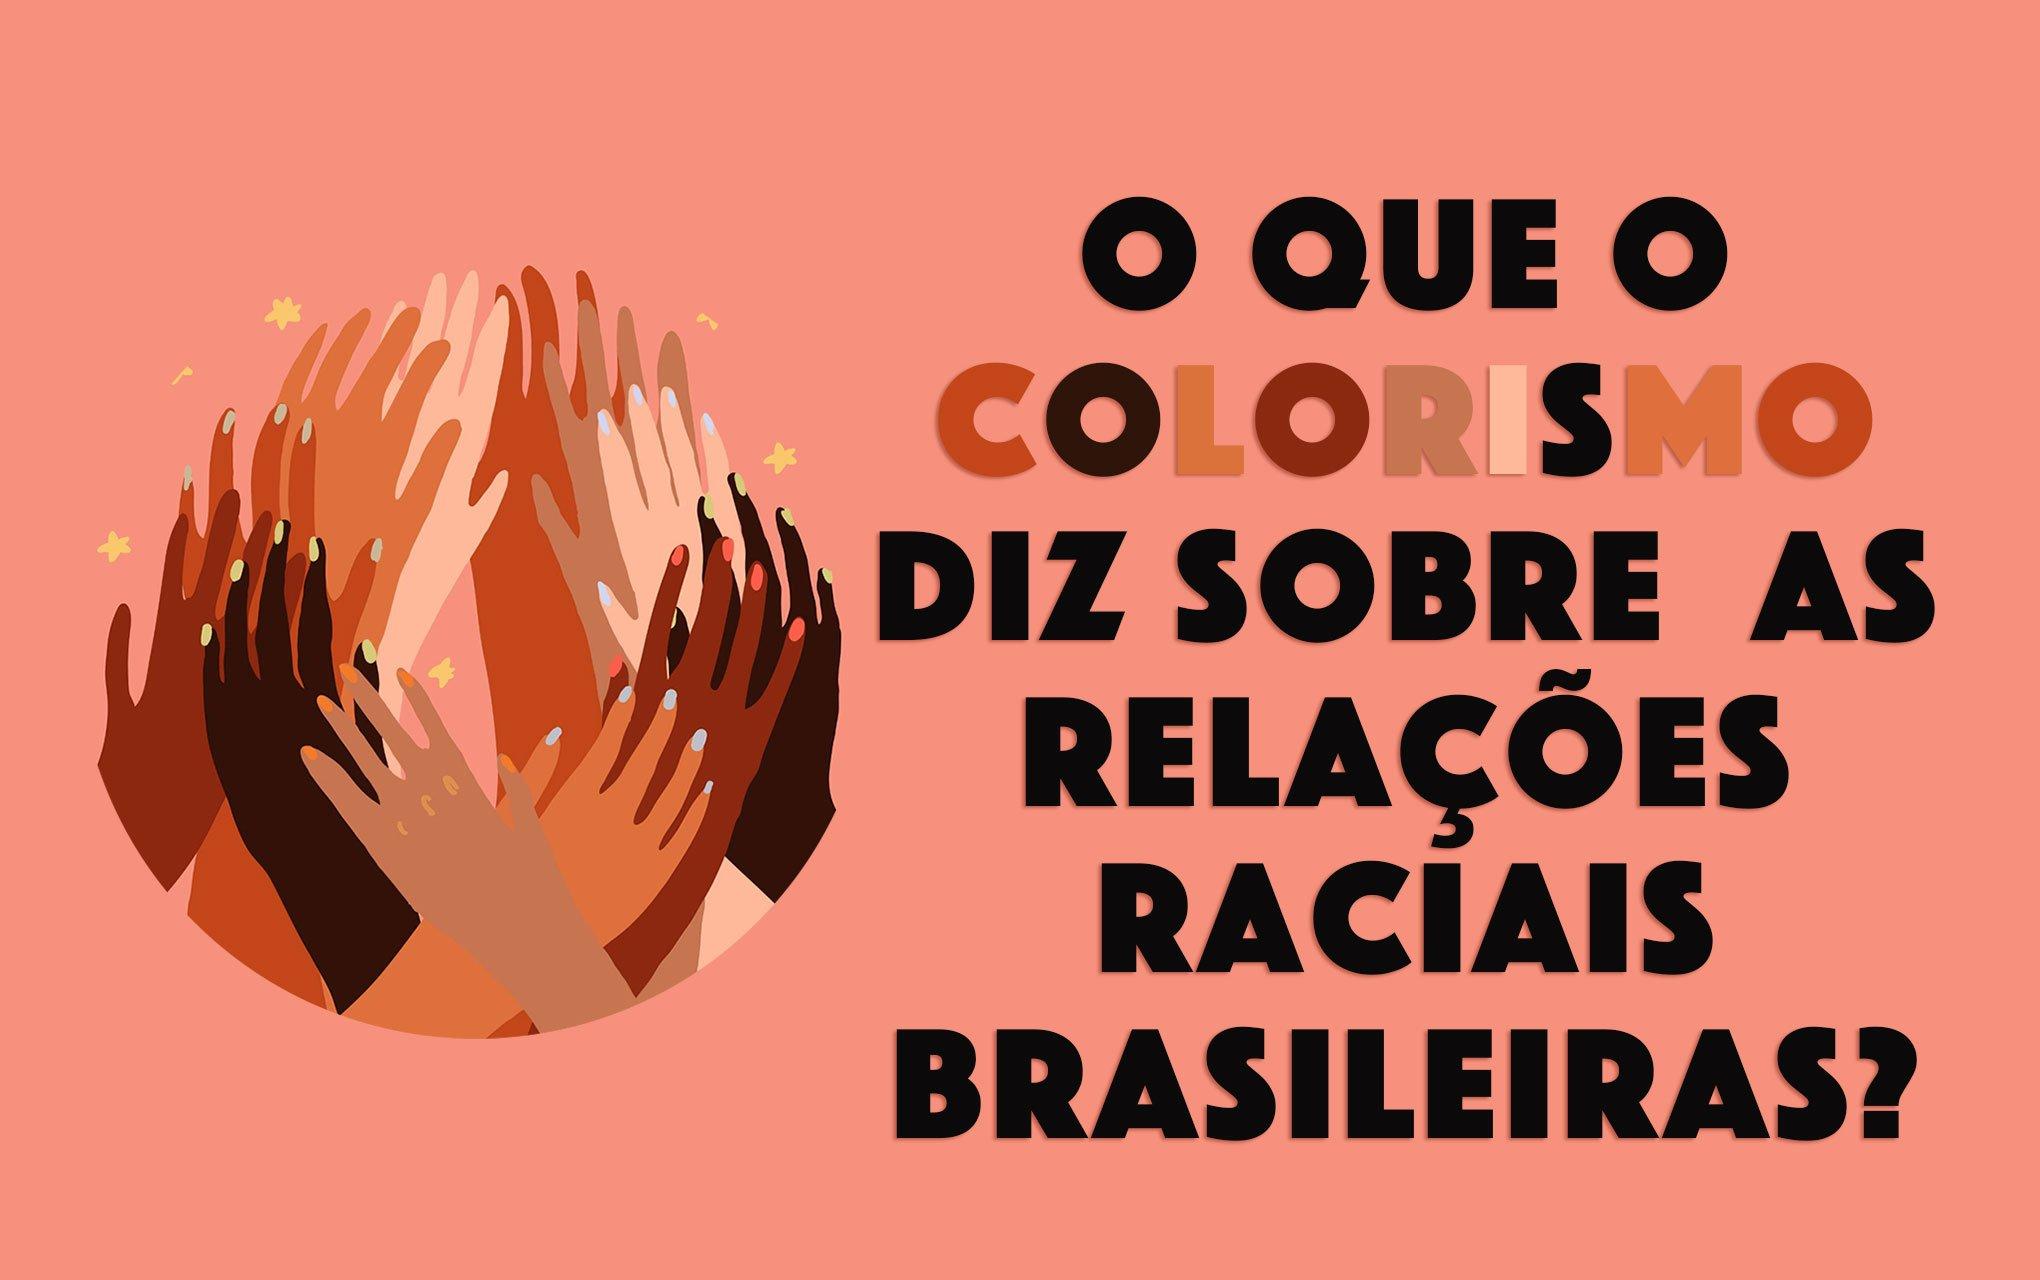 O que o colorismo diz sobre as relações raciais brasileiras?